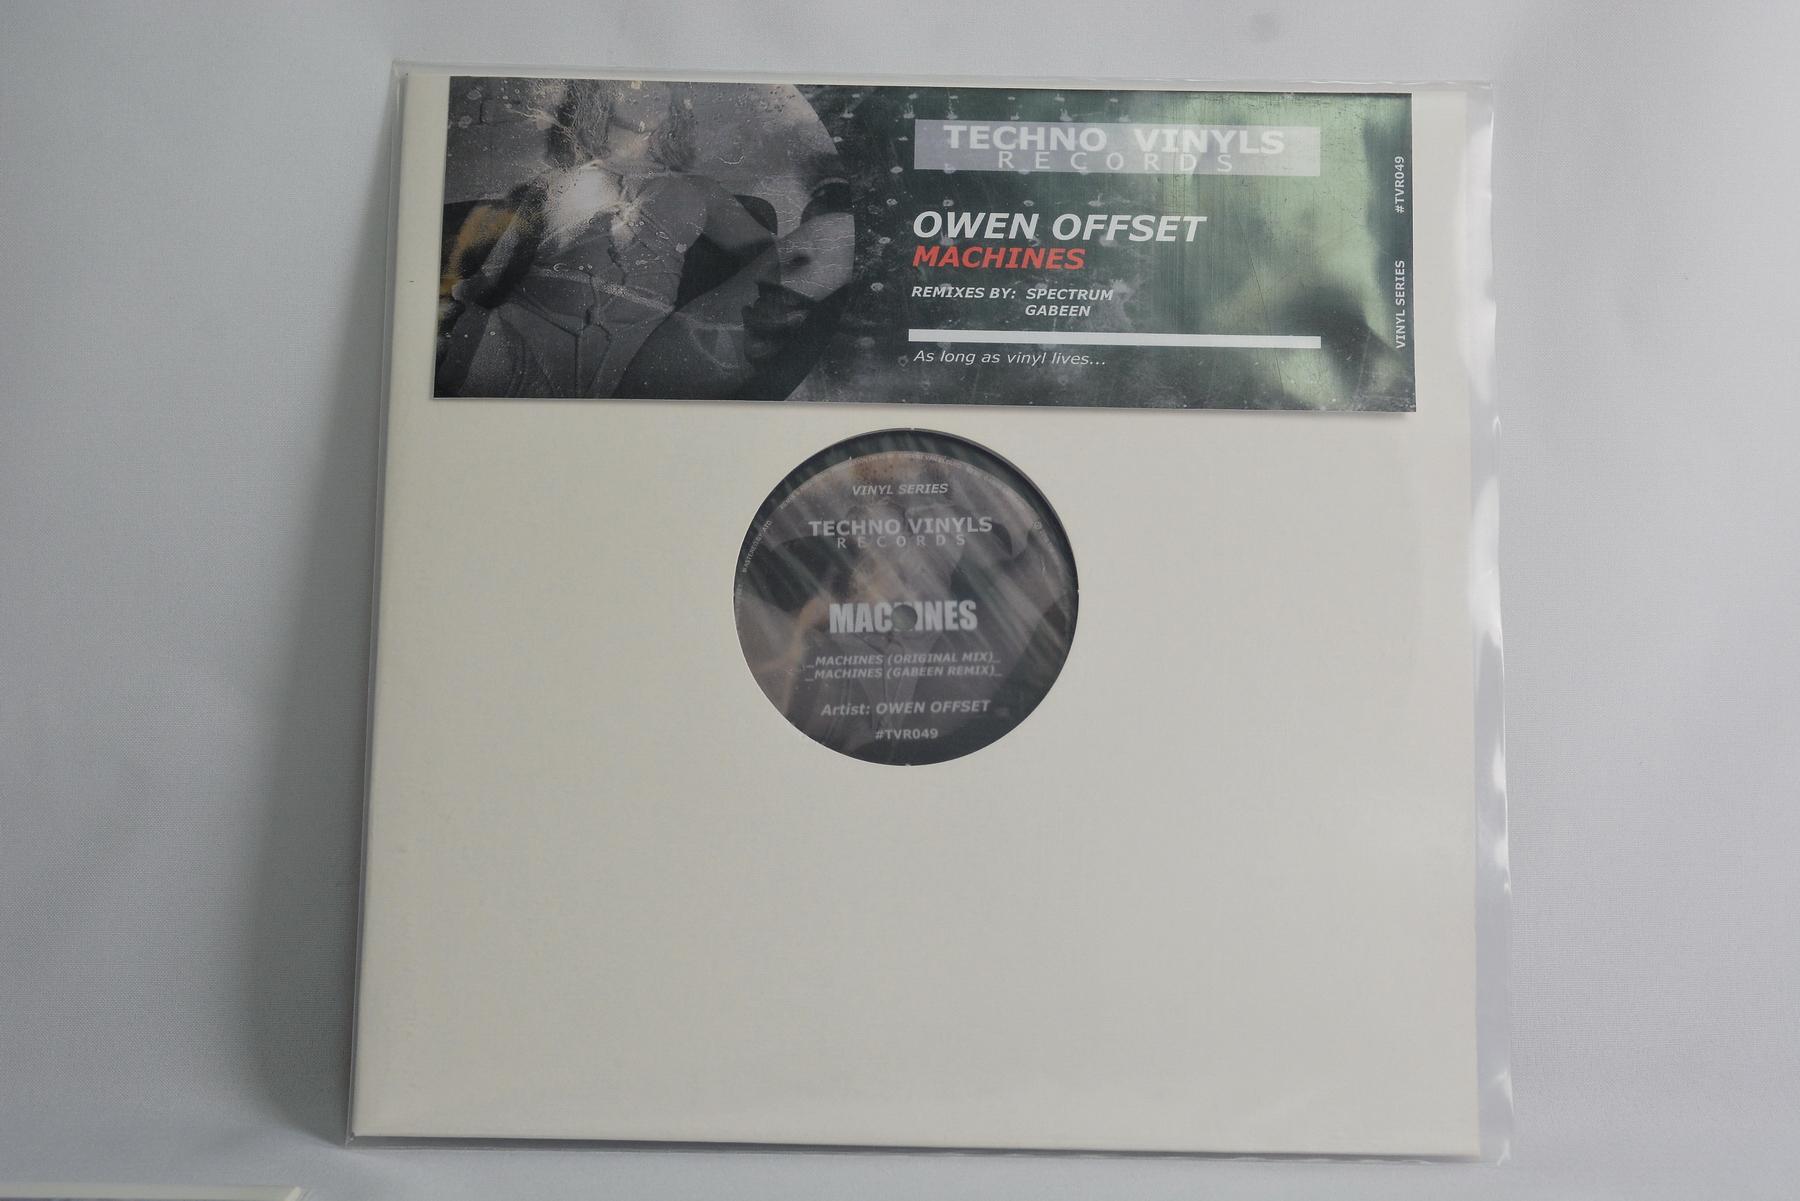 Owen Offset – Machines EP